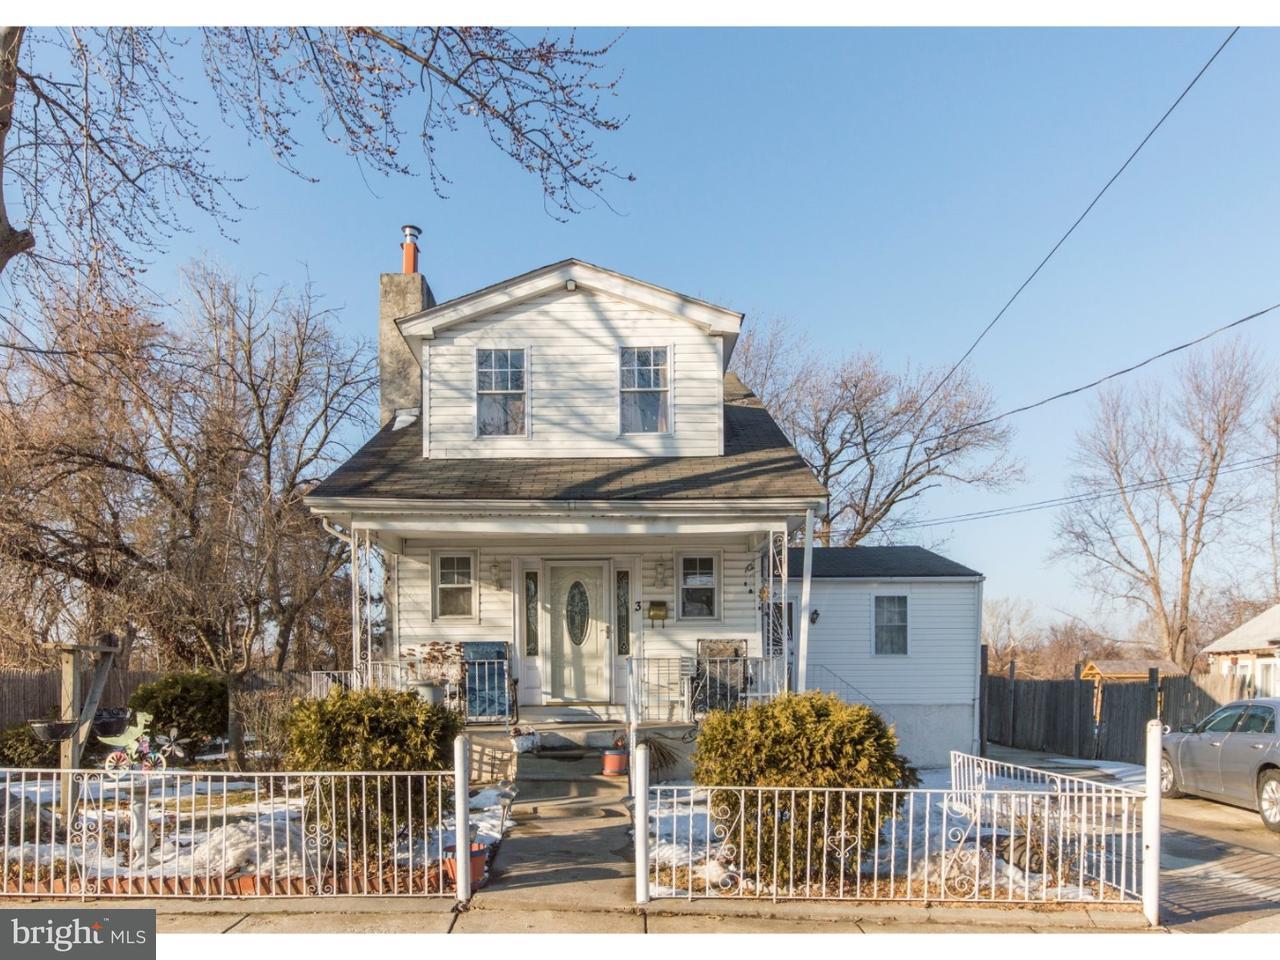 Maison unifamiliale pour l Vente à 3 BAYARD Avenue Sharon Hill, Pennsylvanie 19079 États-Unis